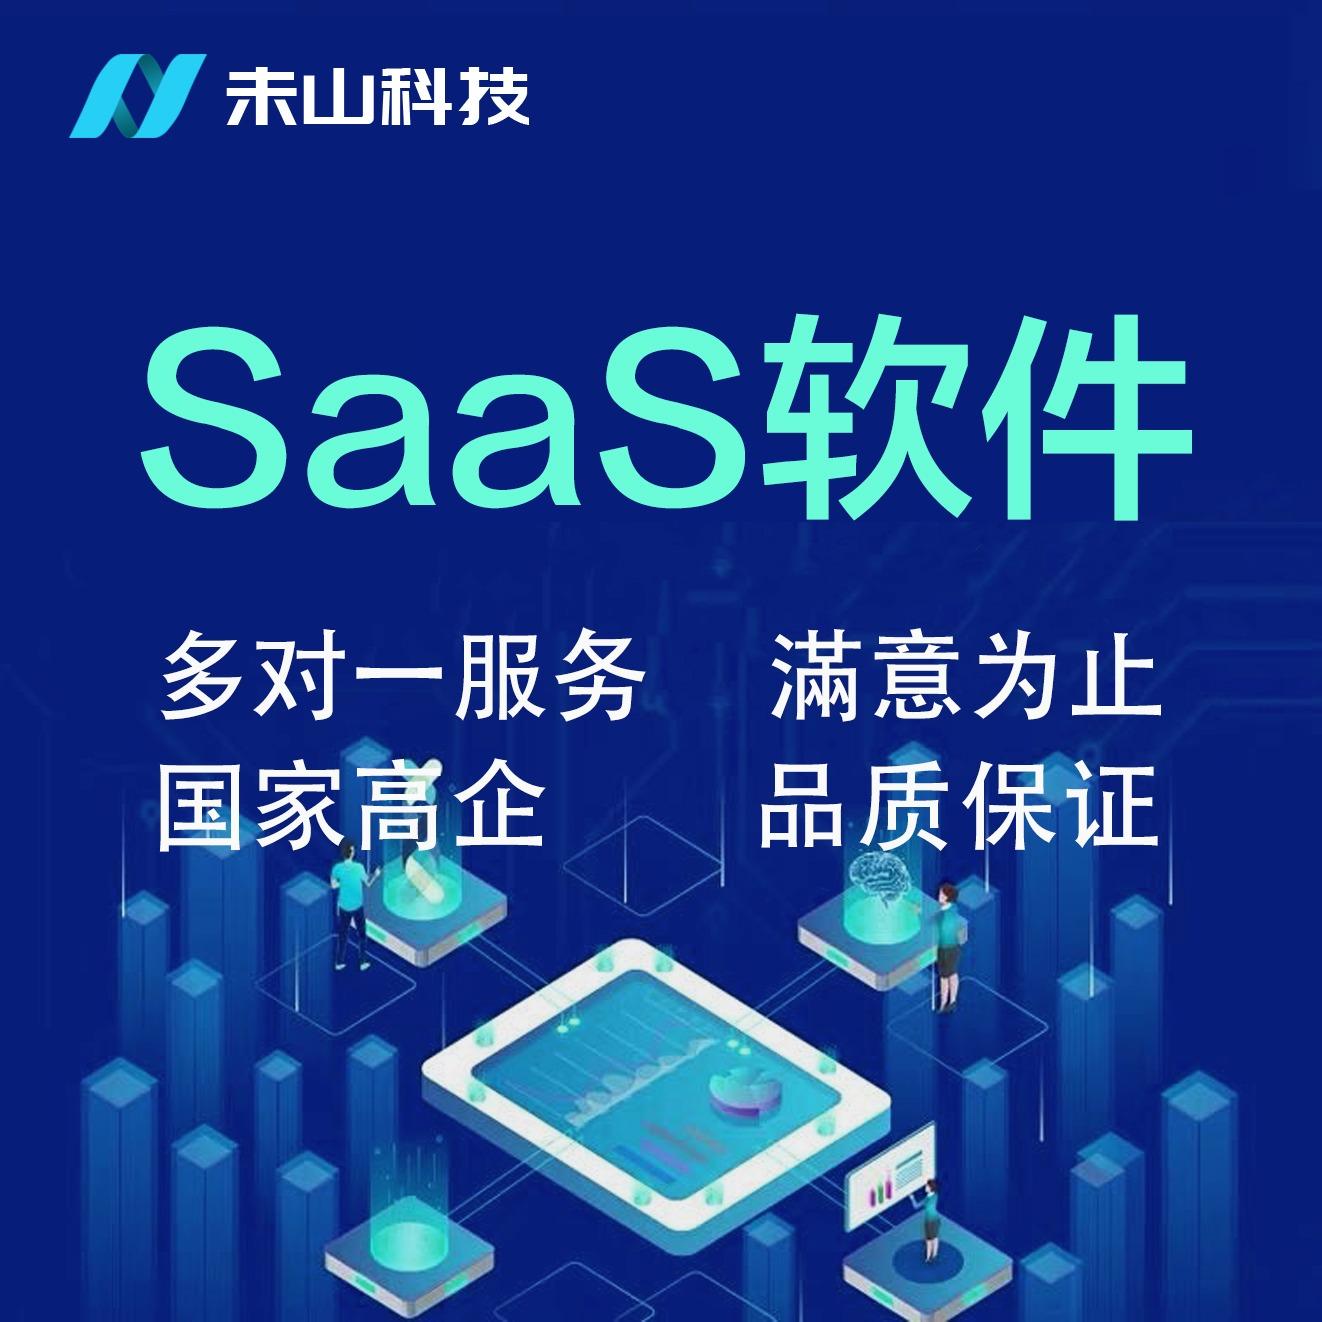 软件 /SaaS 开发 / 软件 服务/智能平台/C/S 软件 /微盟友赞